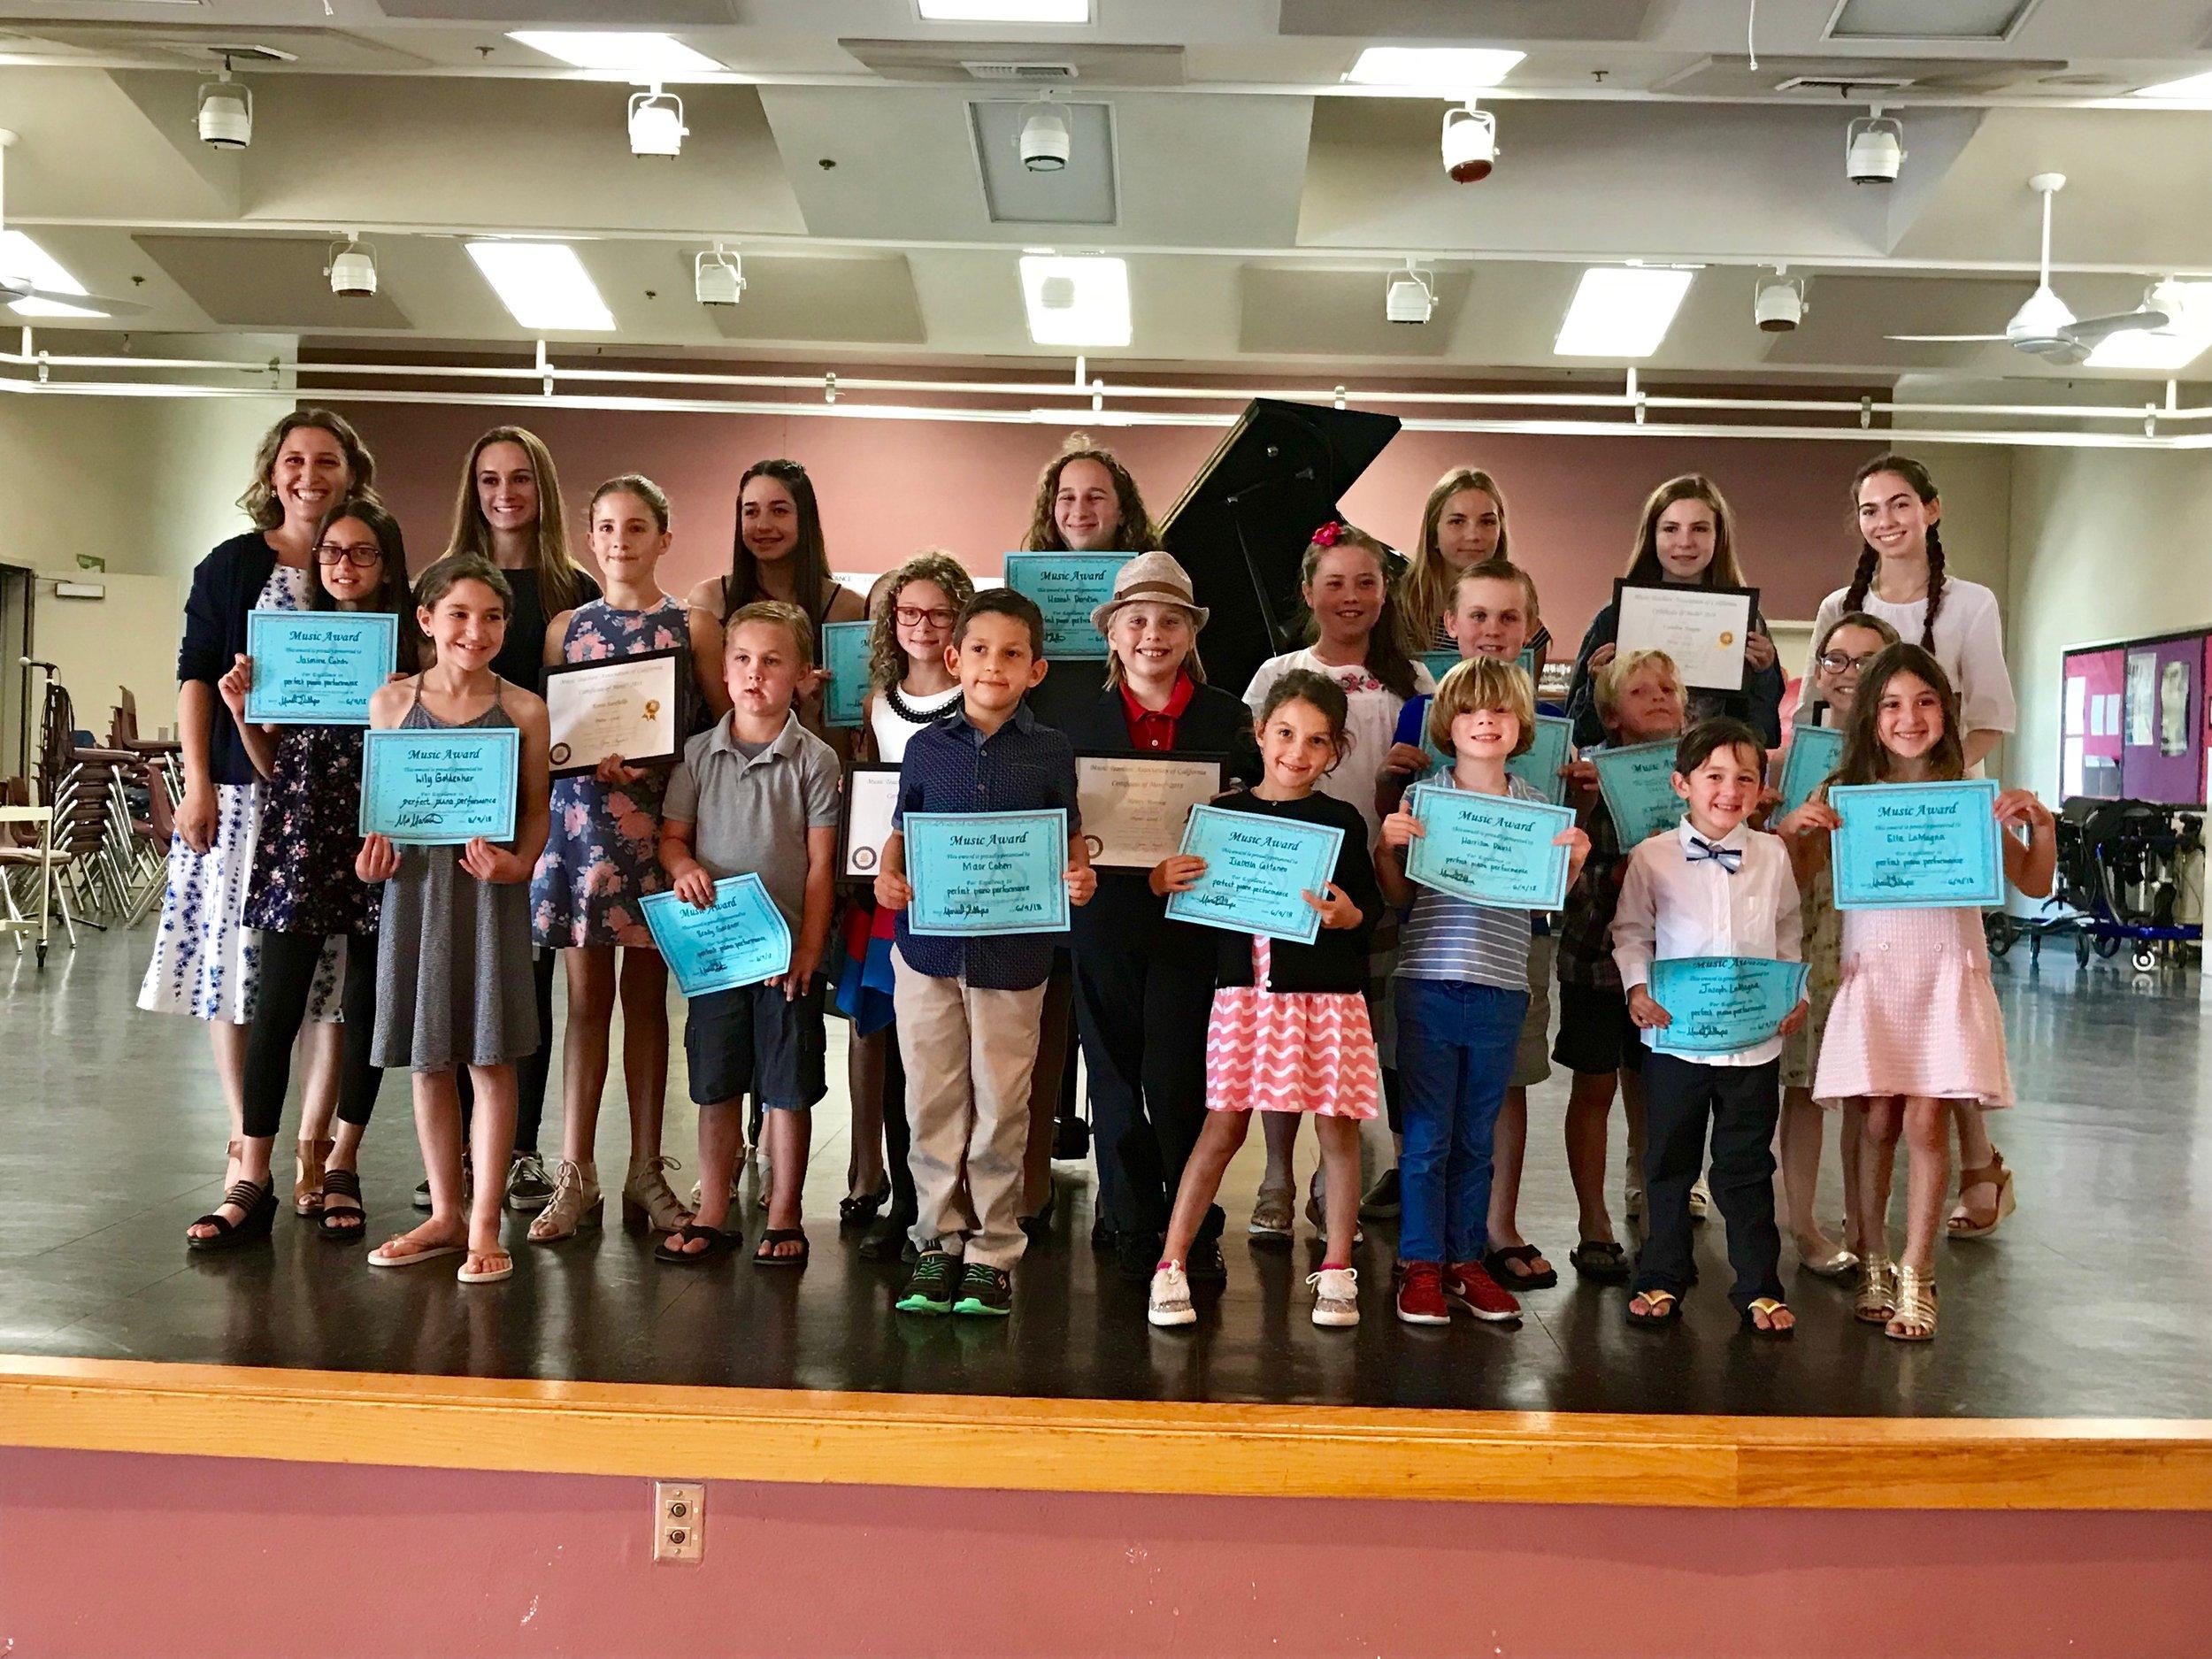 Spring Recital 2018 at Coronado Middle School